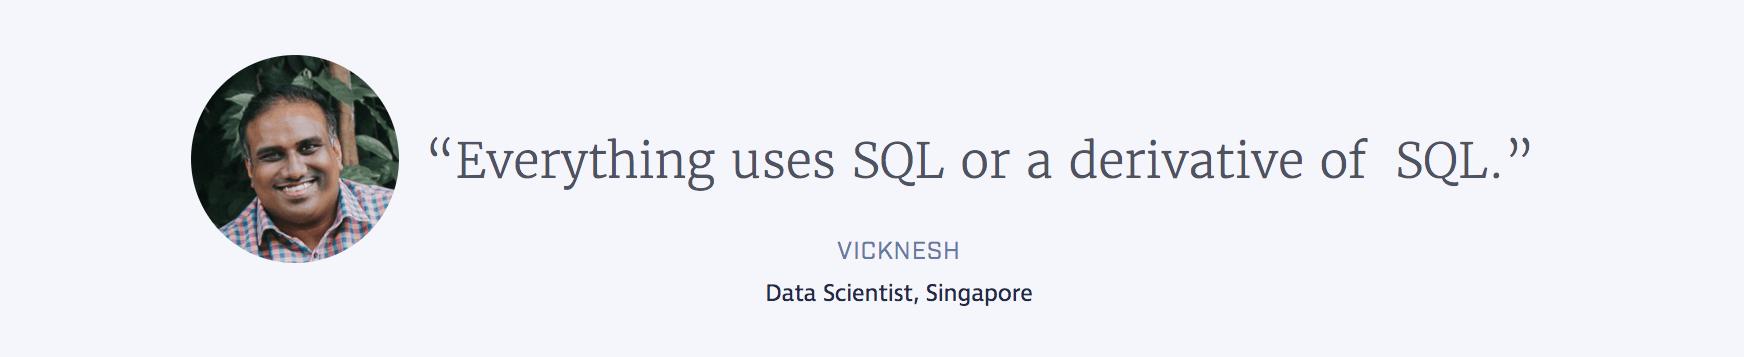 vicknesh-quote-using-sql-job